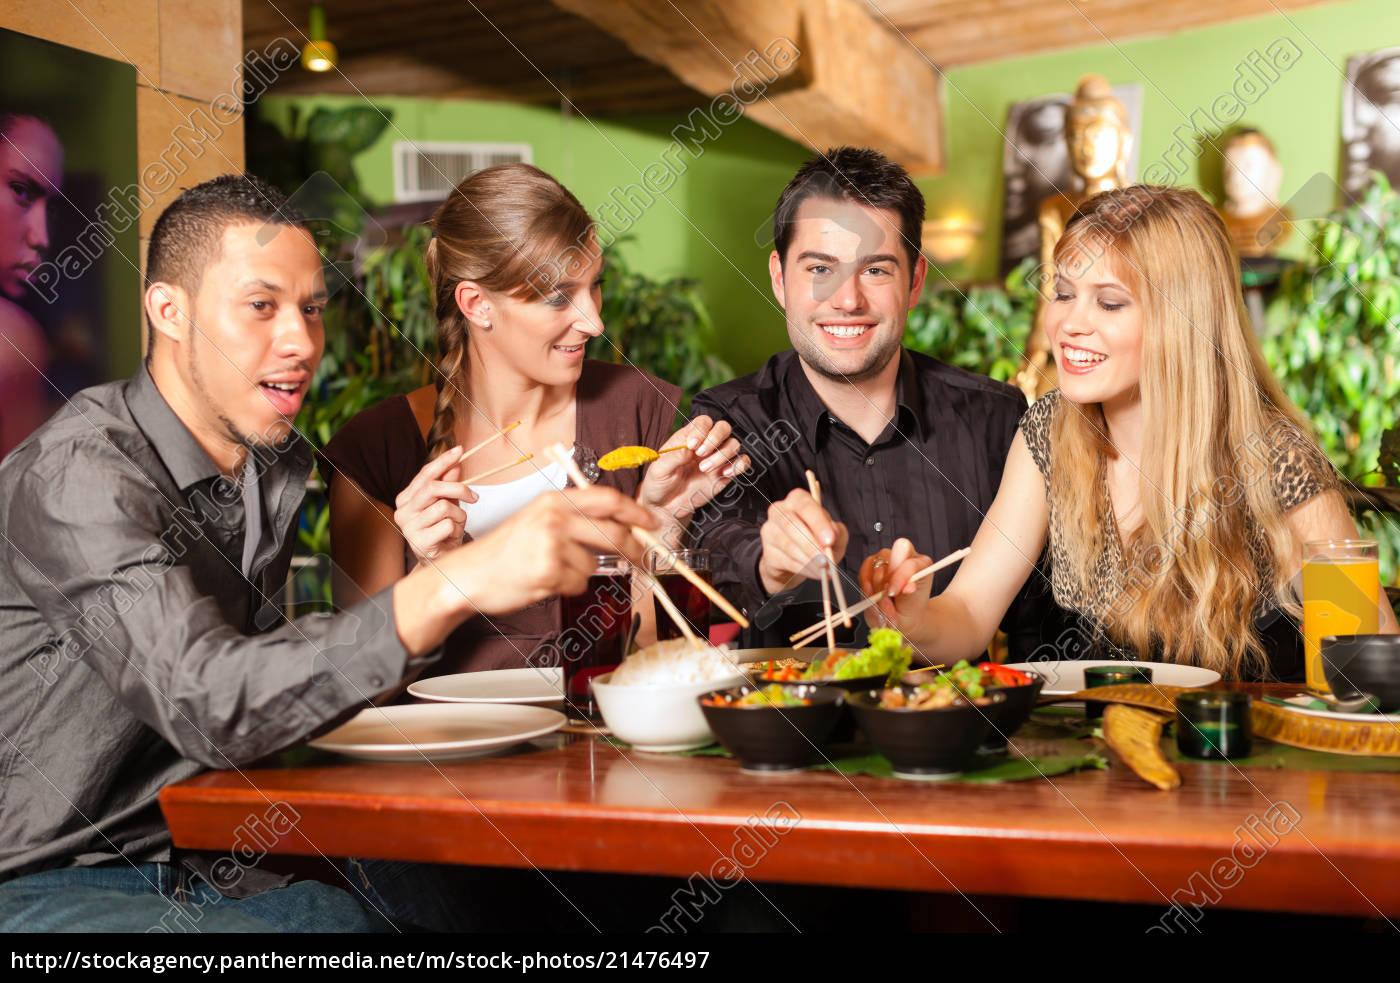 junge, leute, essen, in, thailändischem, restaurant - 21476497